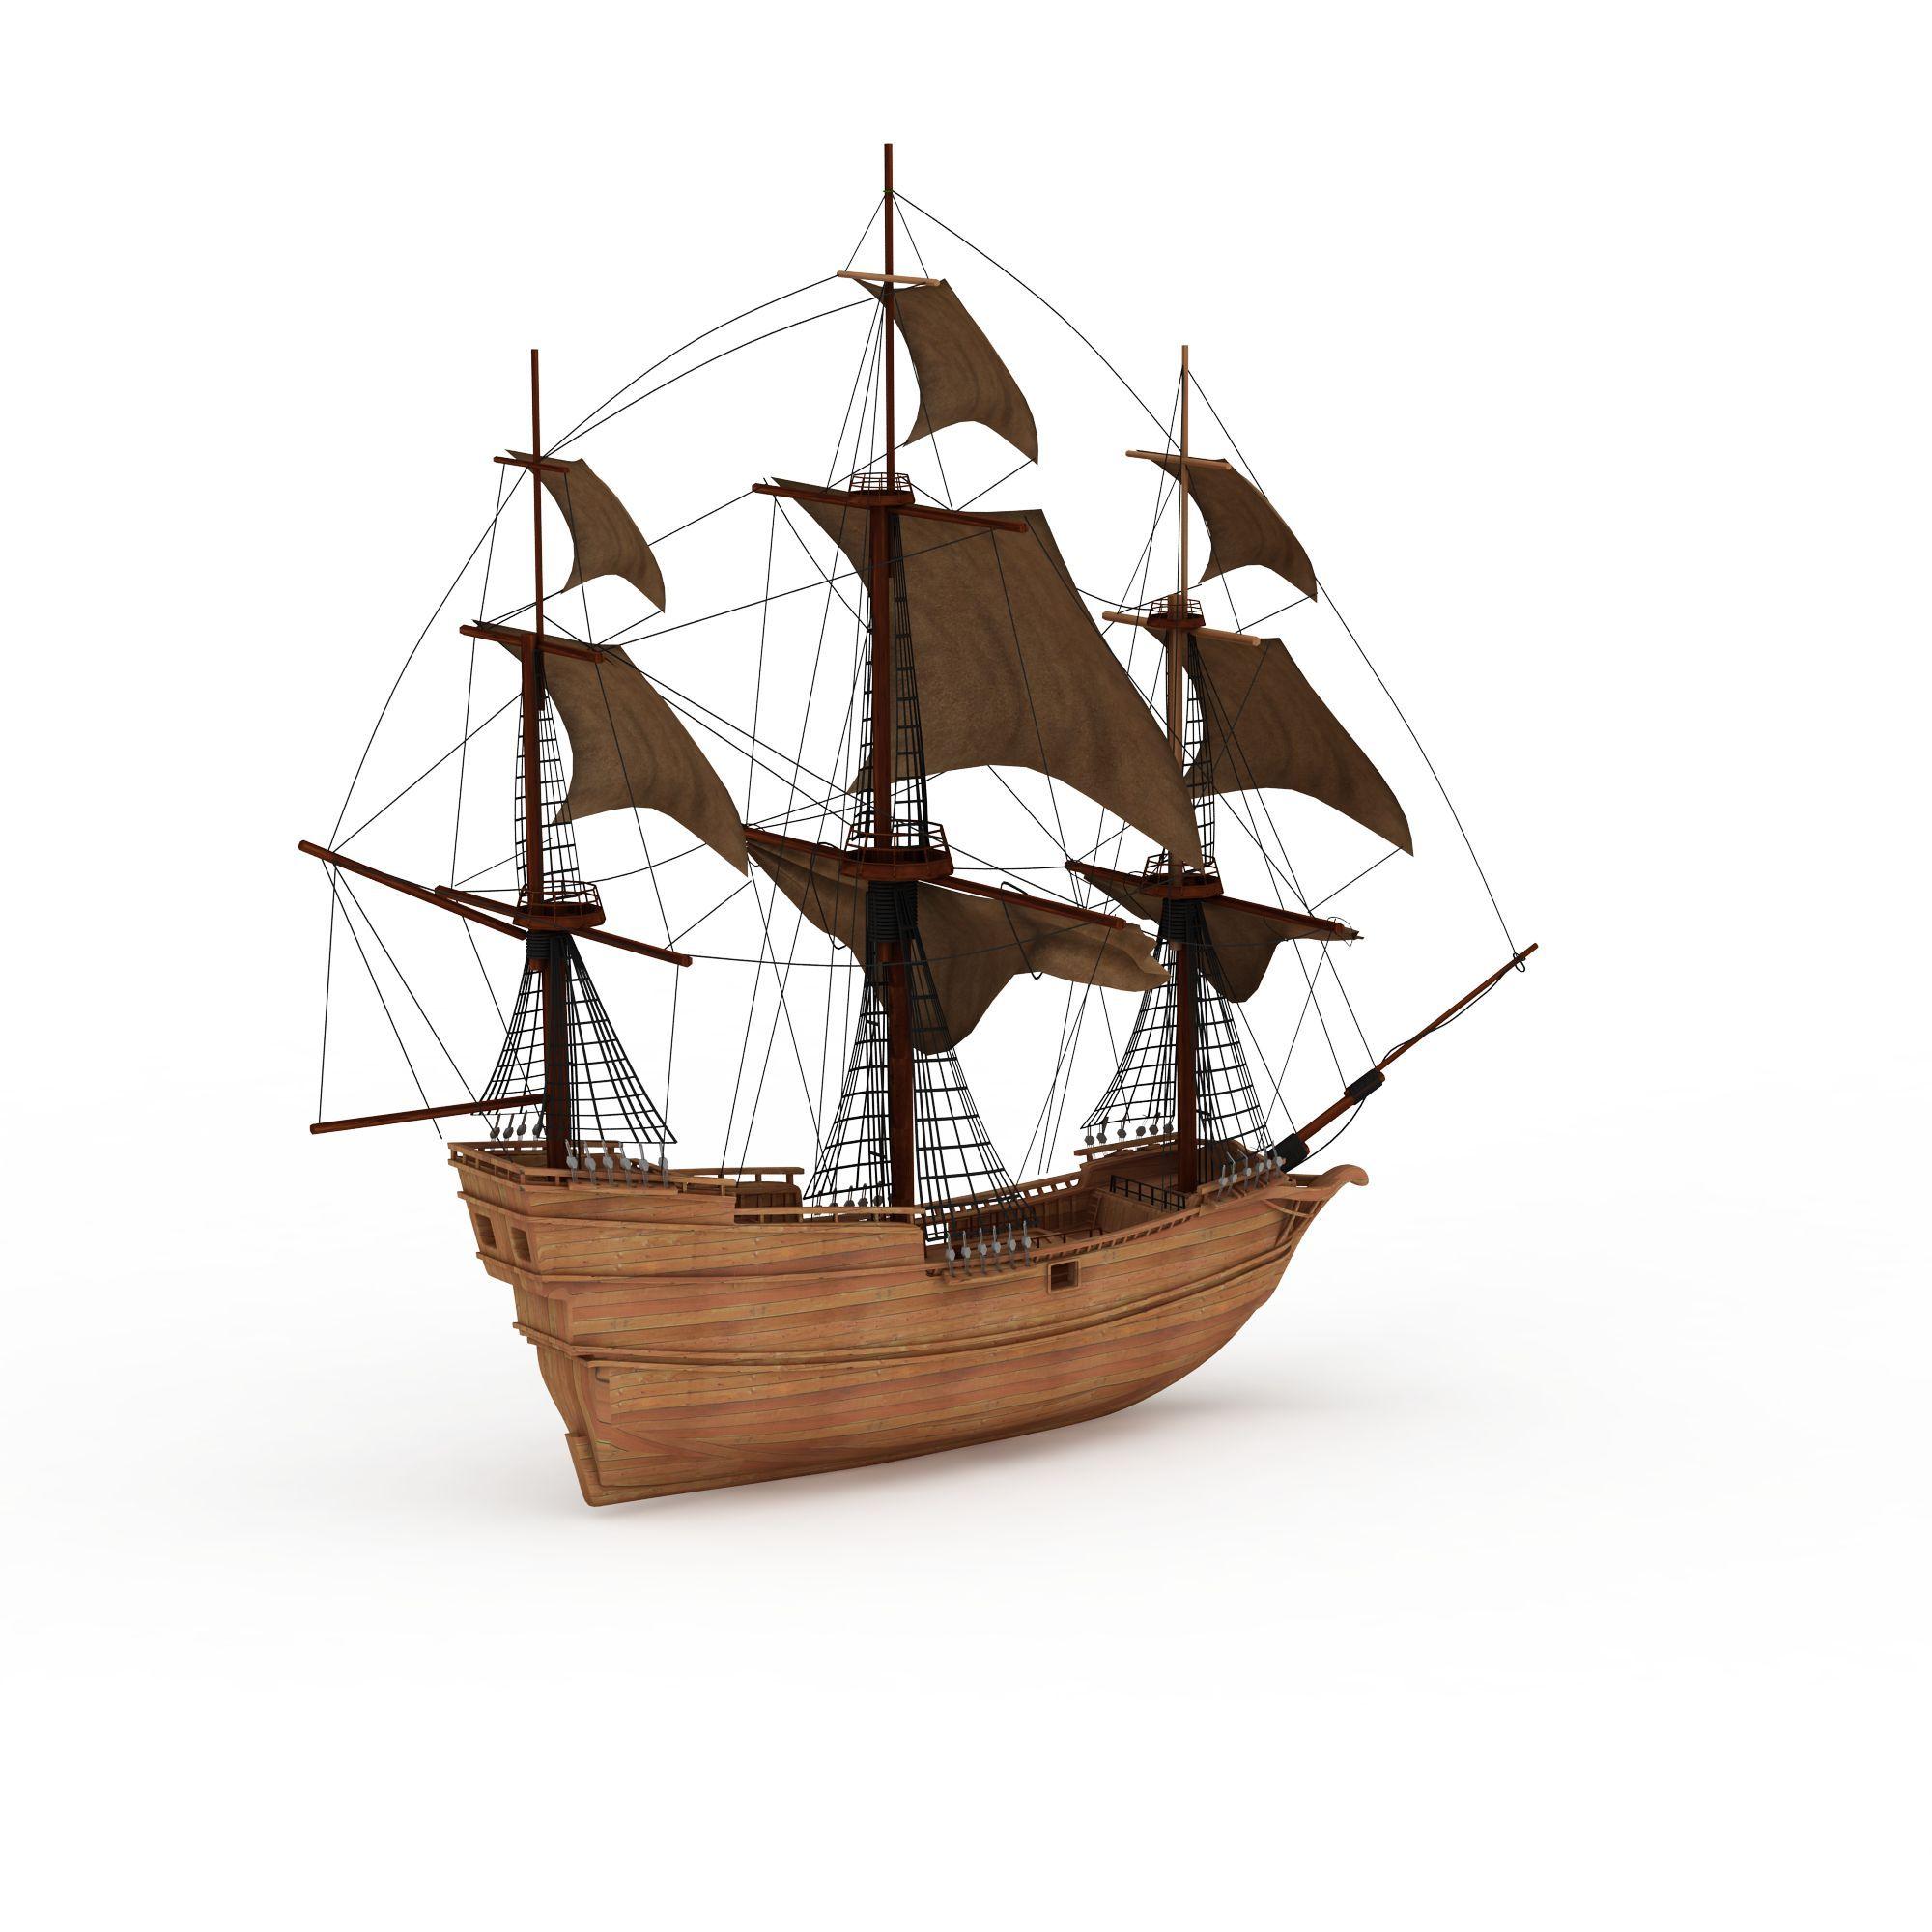 帆船图片_帆船png图片素材_帆船png高清图下载